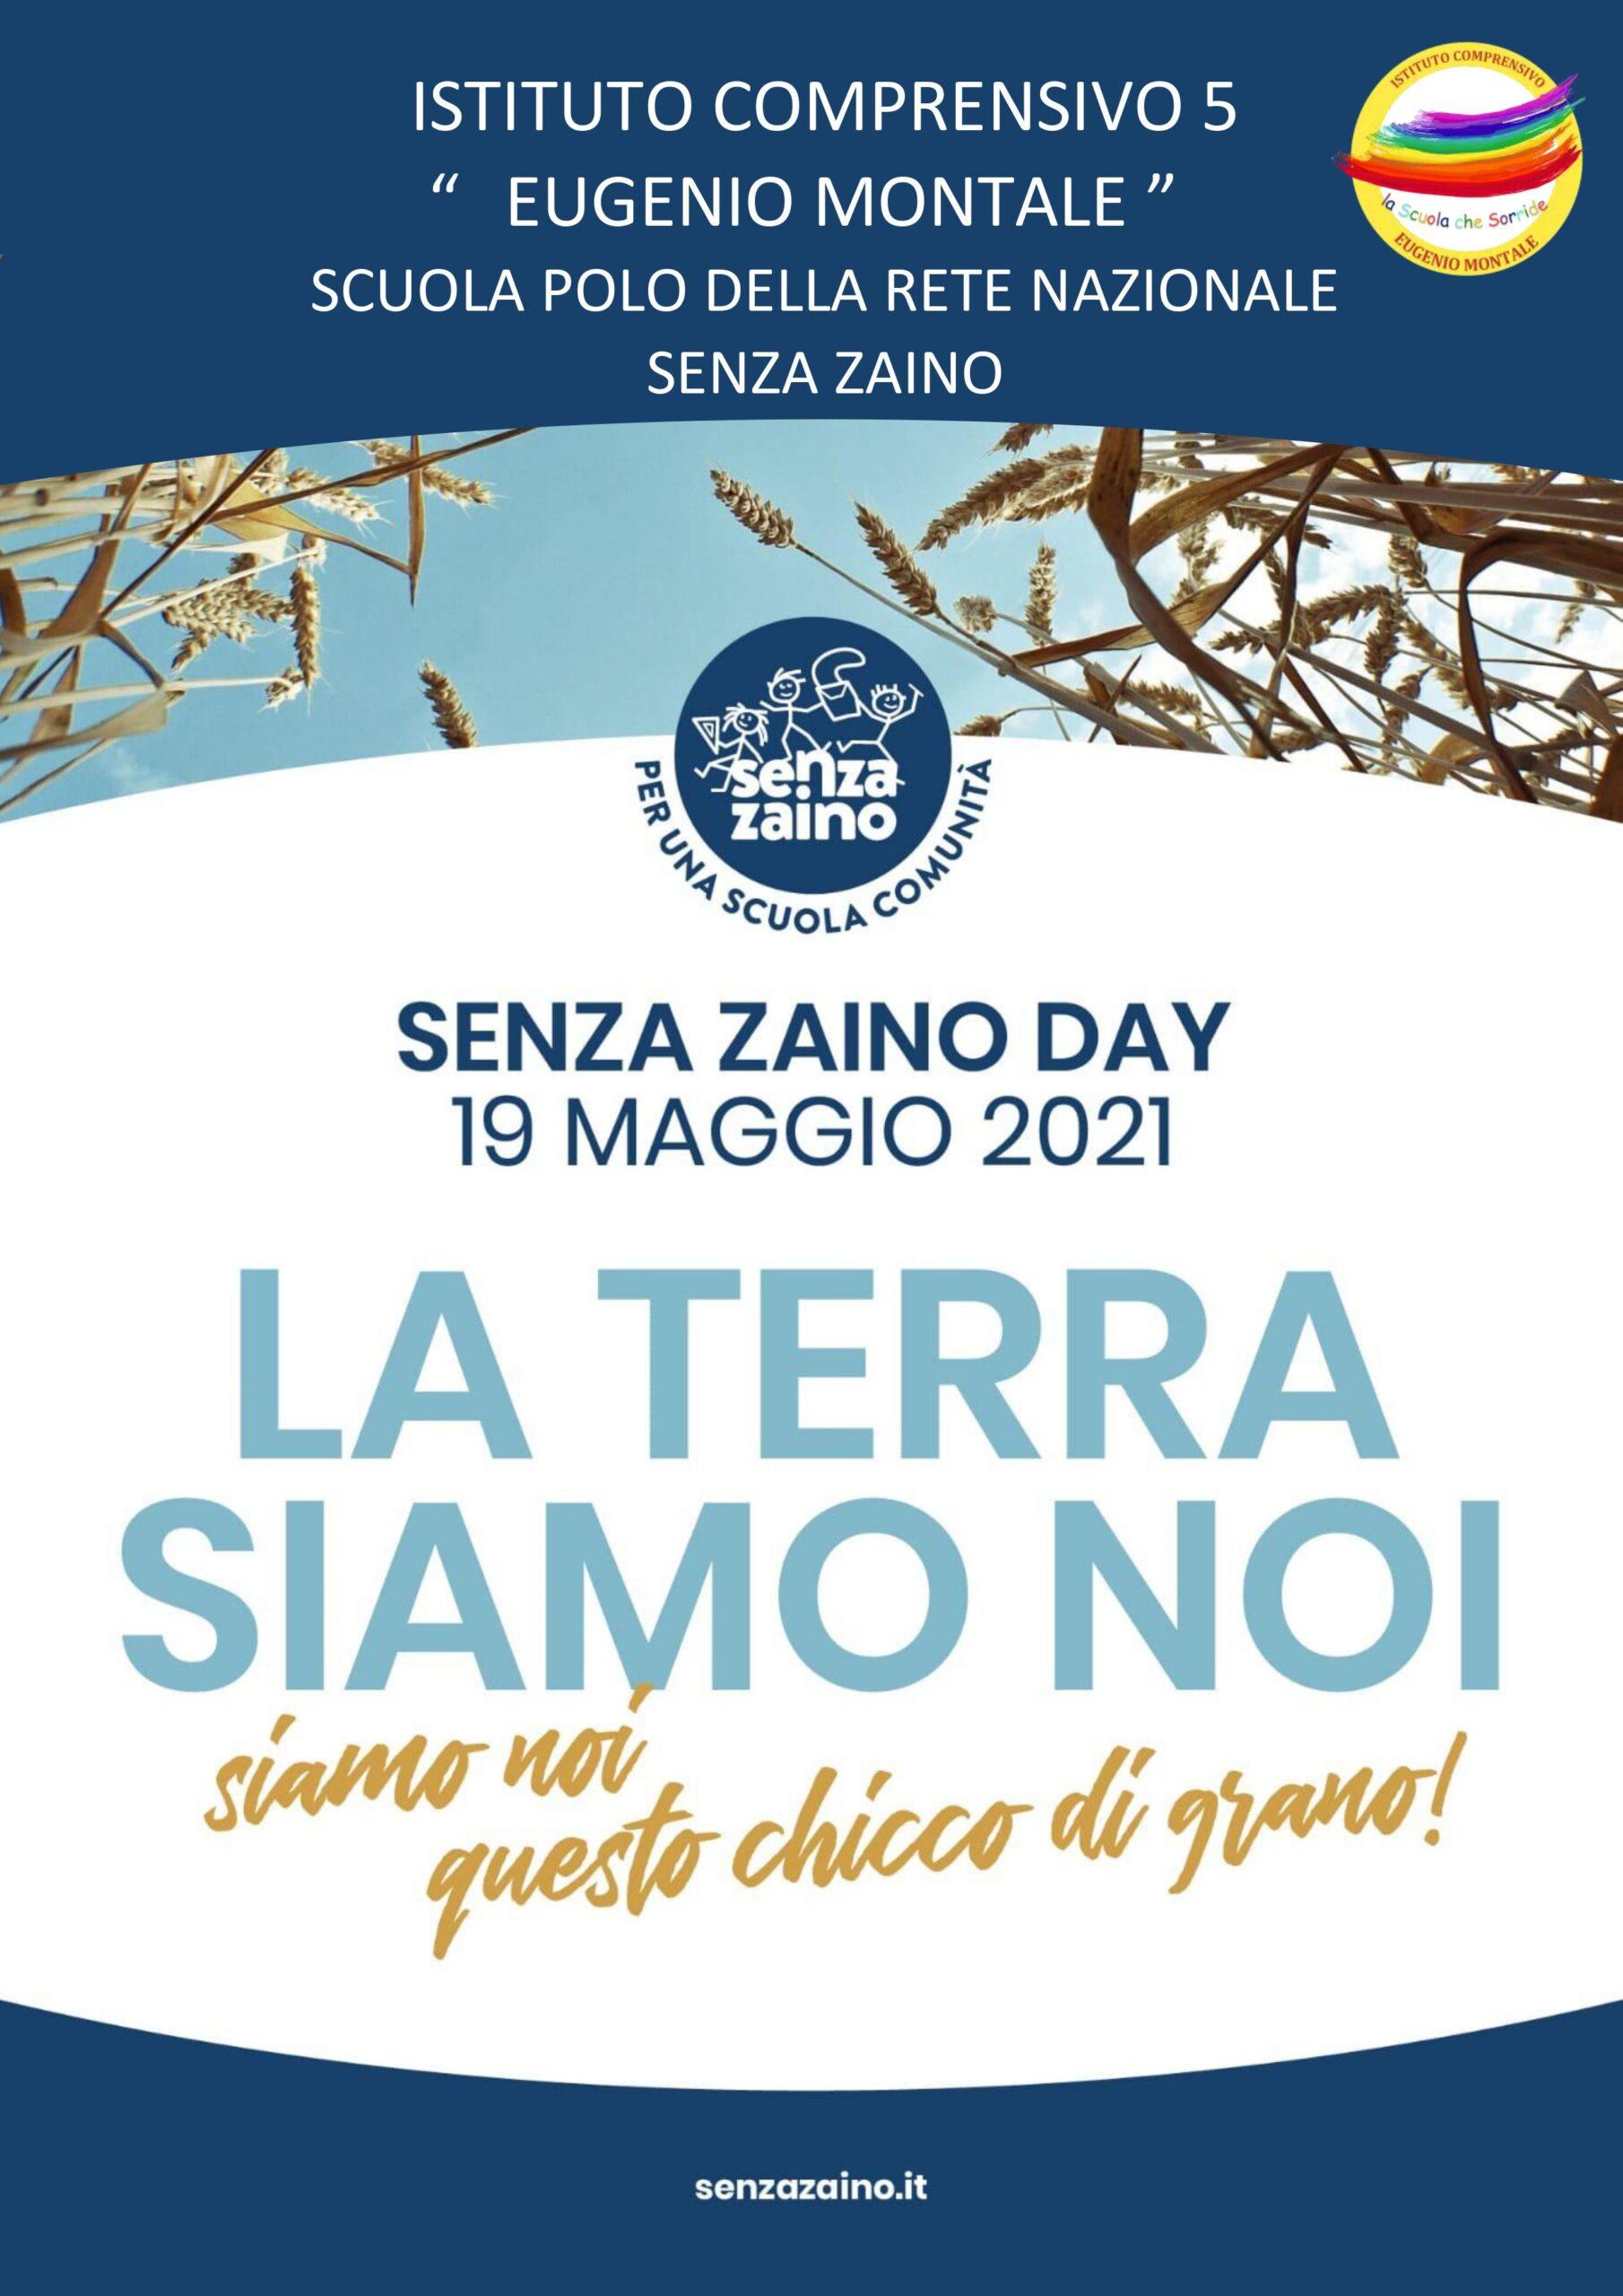 SZ DAY 19 MAGGIO 2021